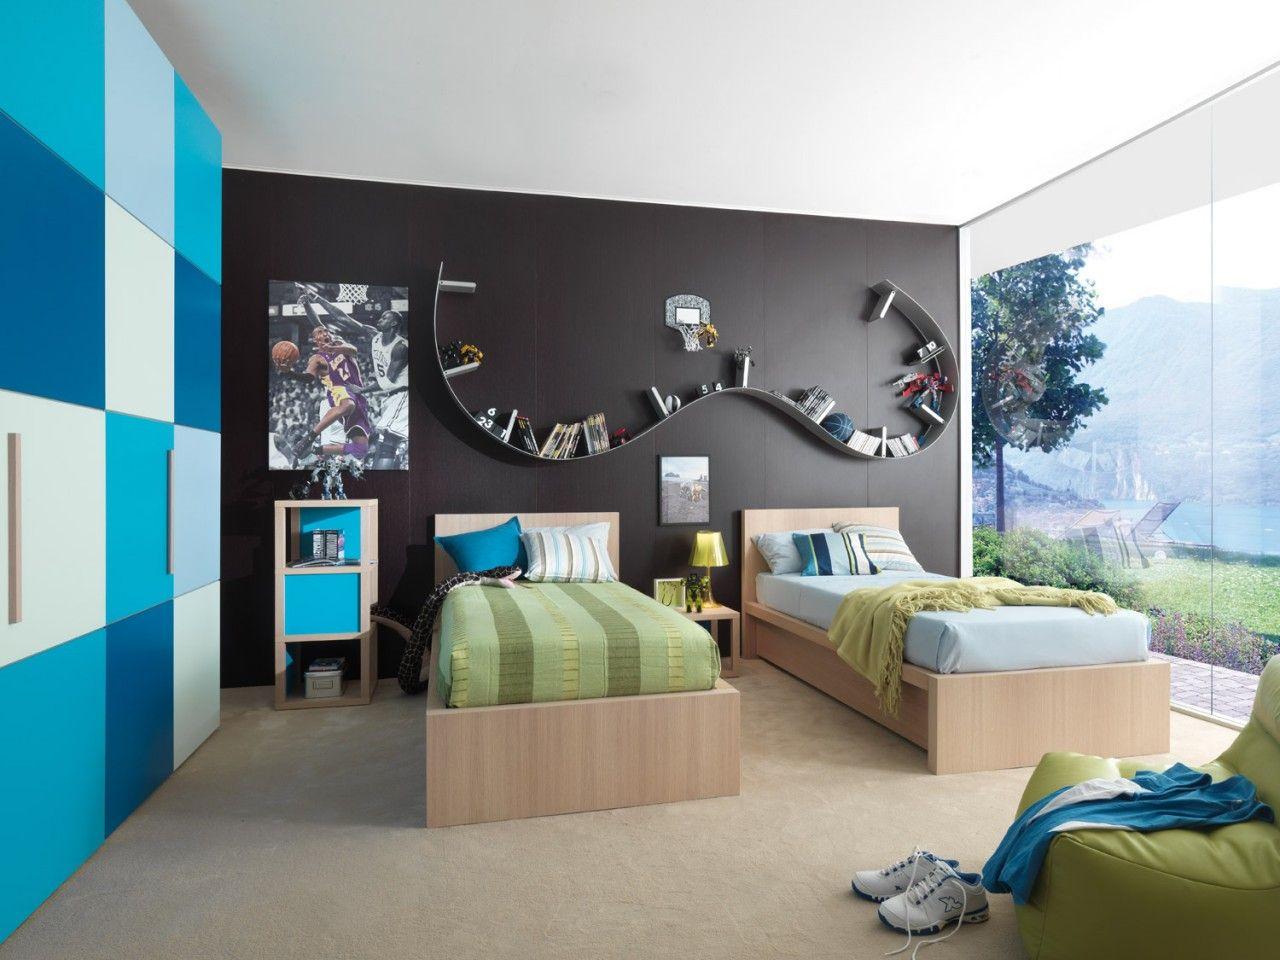 Kids Rooms Dearkids Design Della Camera Da Letto Interni Camera Da Letto Camere Moderne Per Bambini